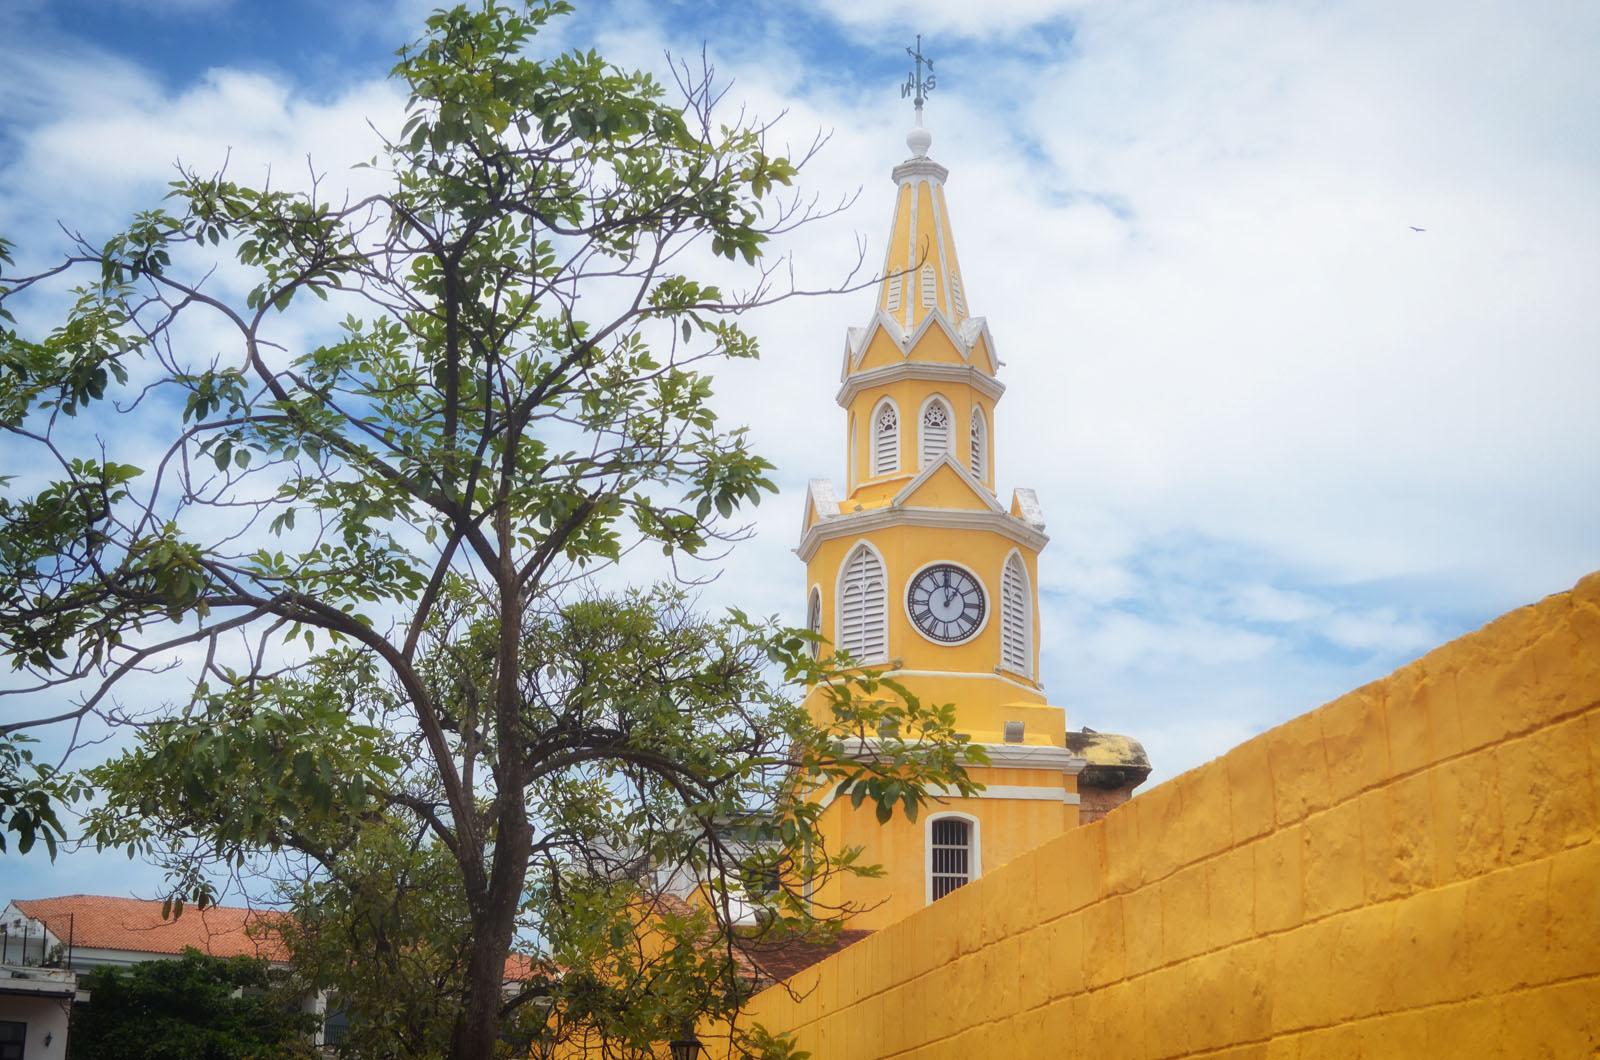 A famosa Torre do Relógio situada na Plaza de Los Coches construída sobre a muralha.